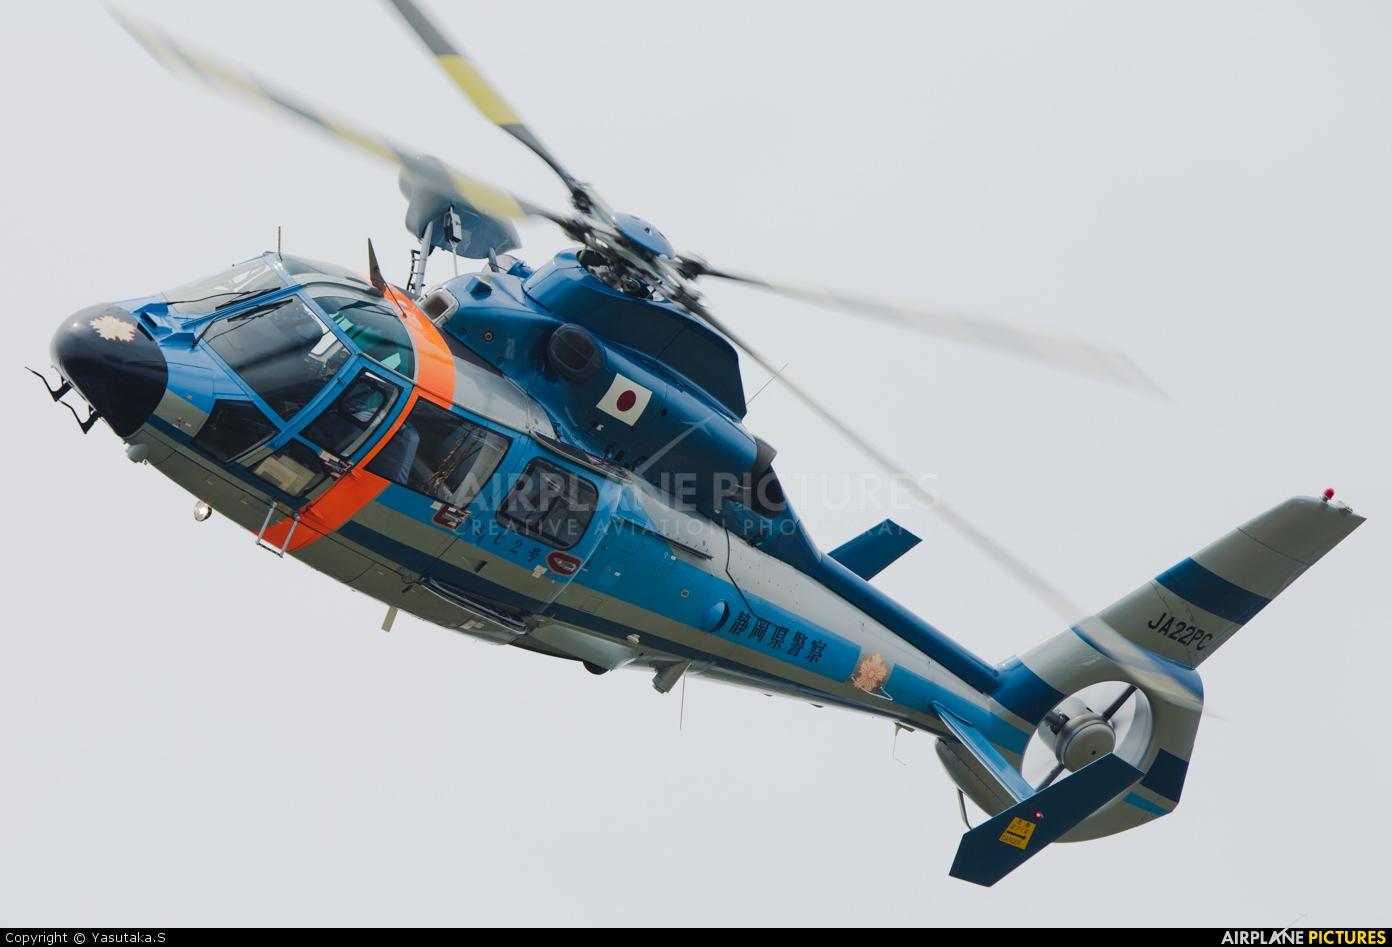 Japan - Police JA22PC aircraft at Shizuhama AB